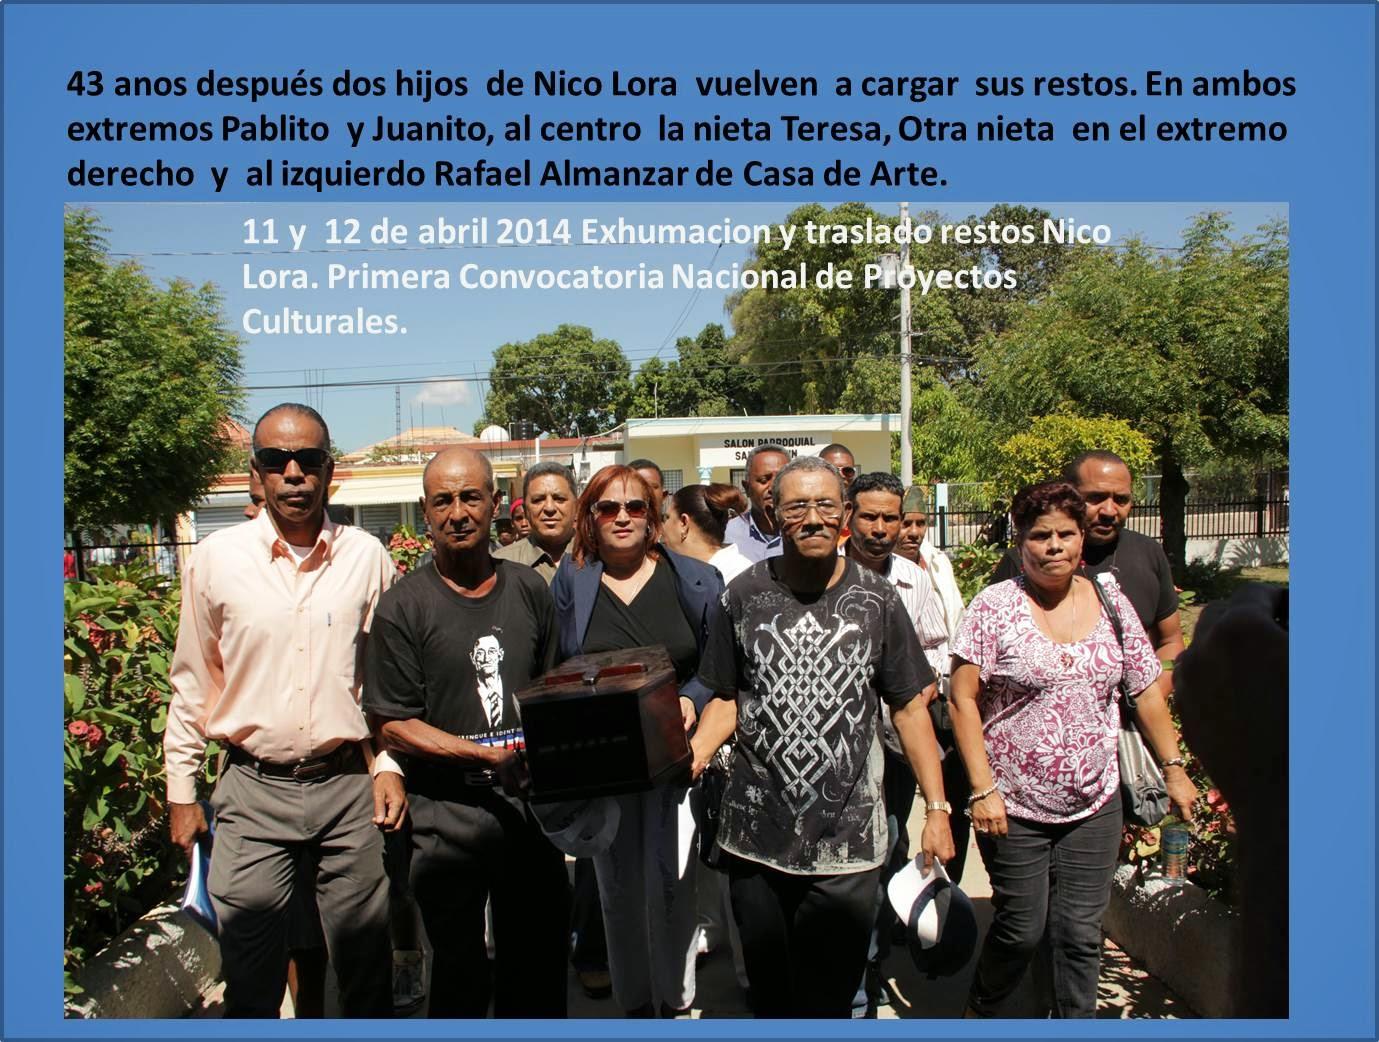 Inaugurado Memorial a Nico Lora en Navarrete  Casa de la Cultura de Navarrete Inc